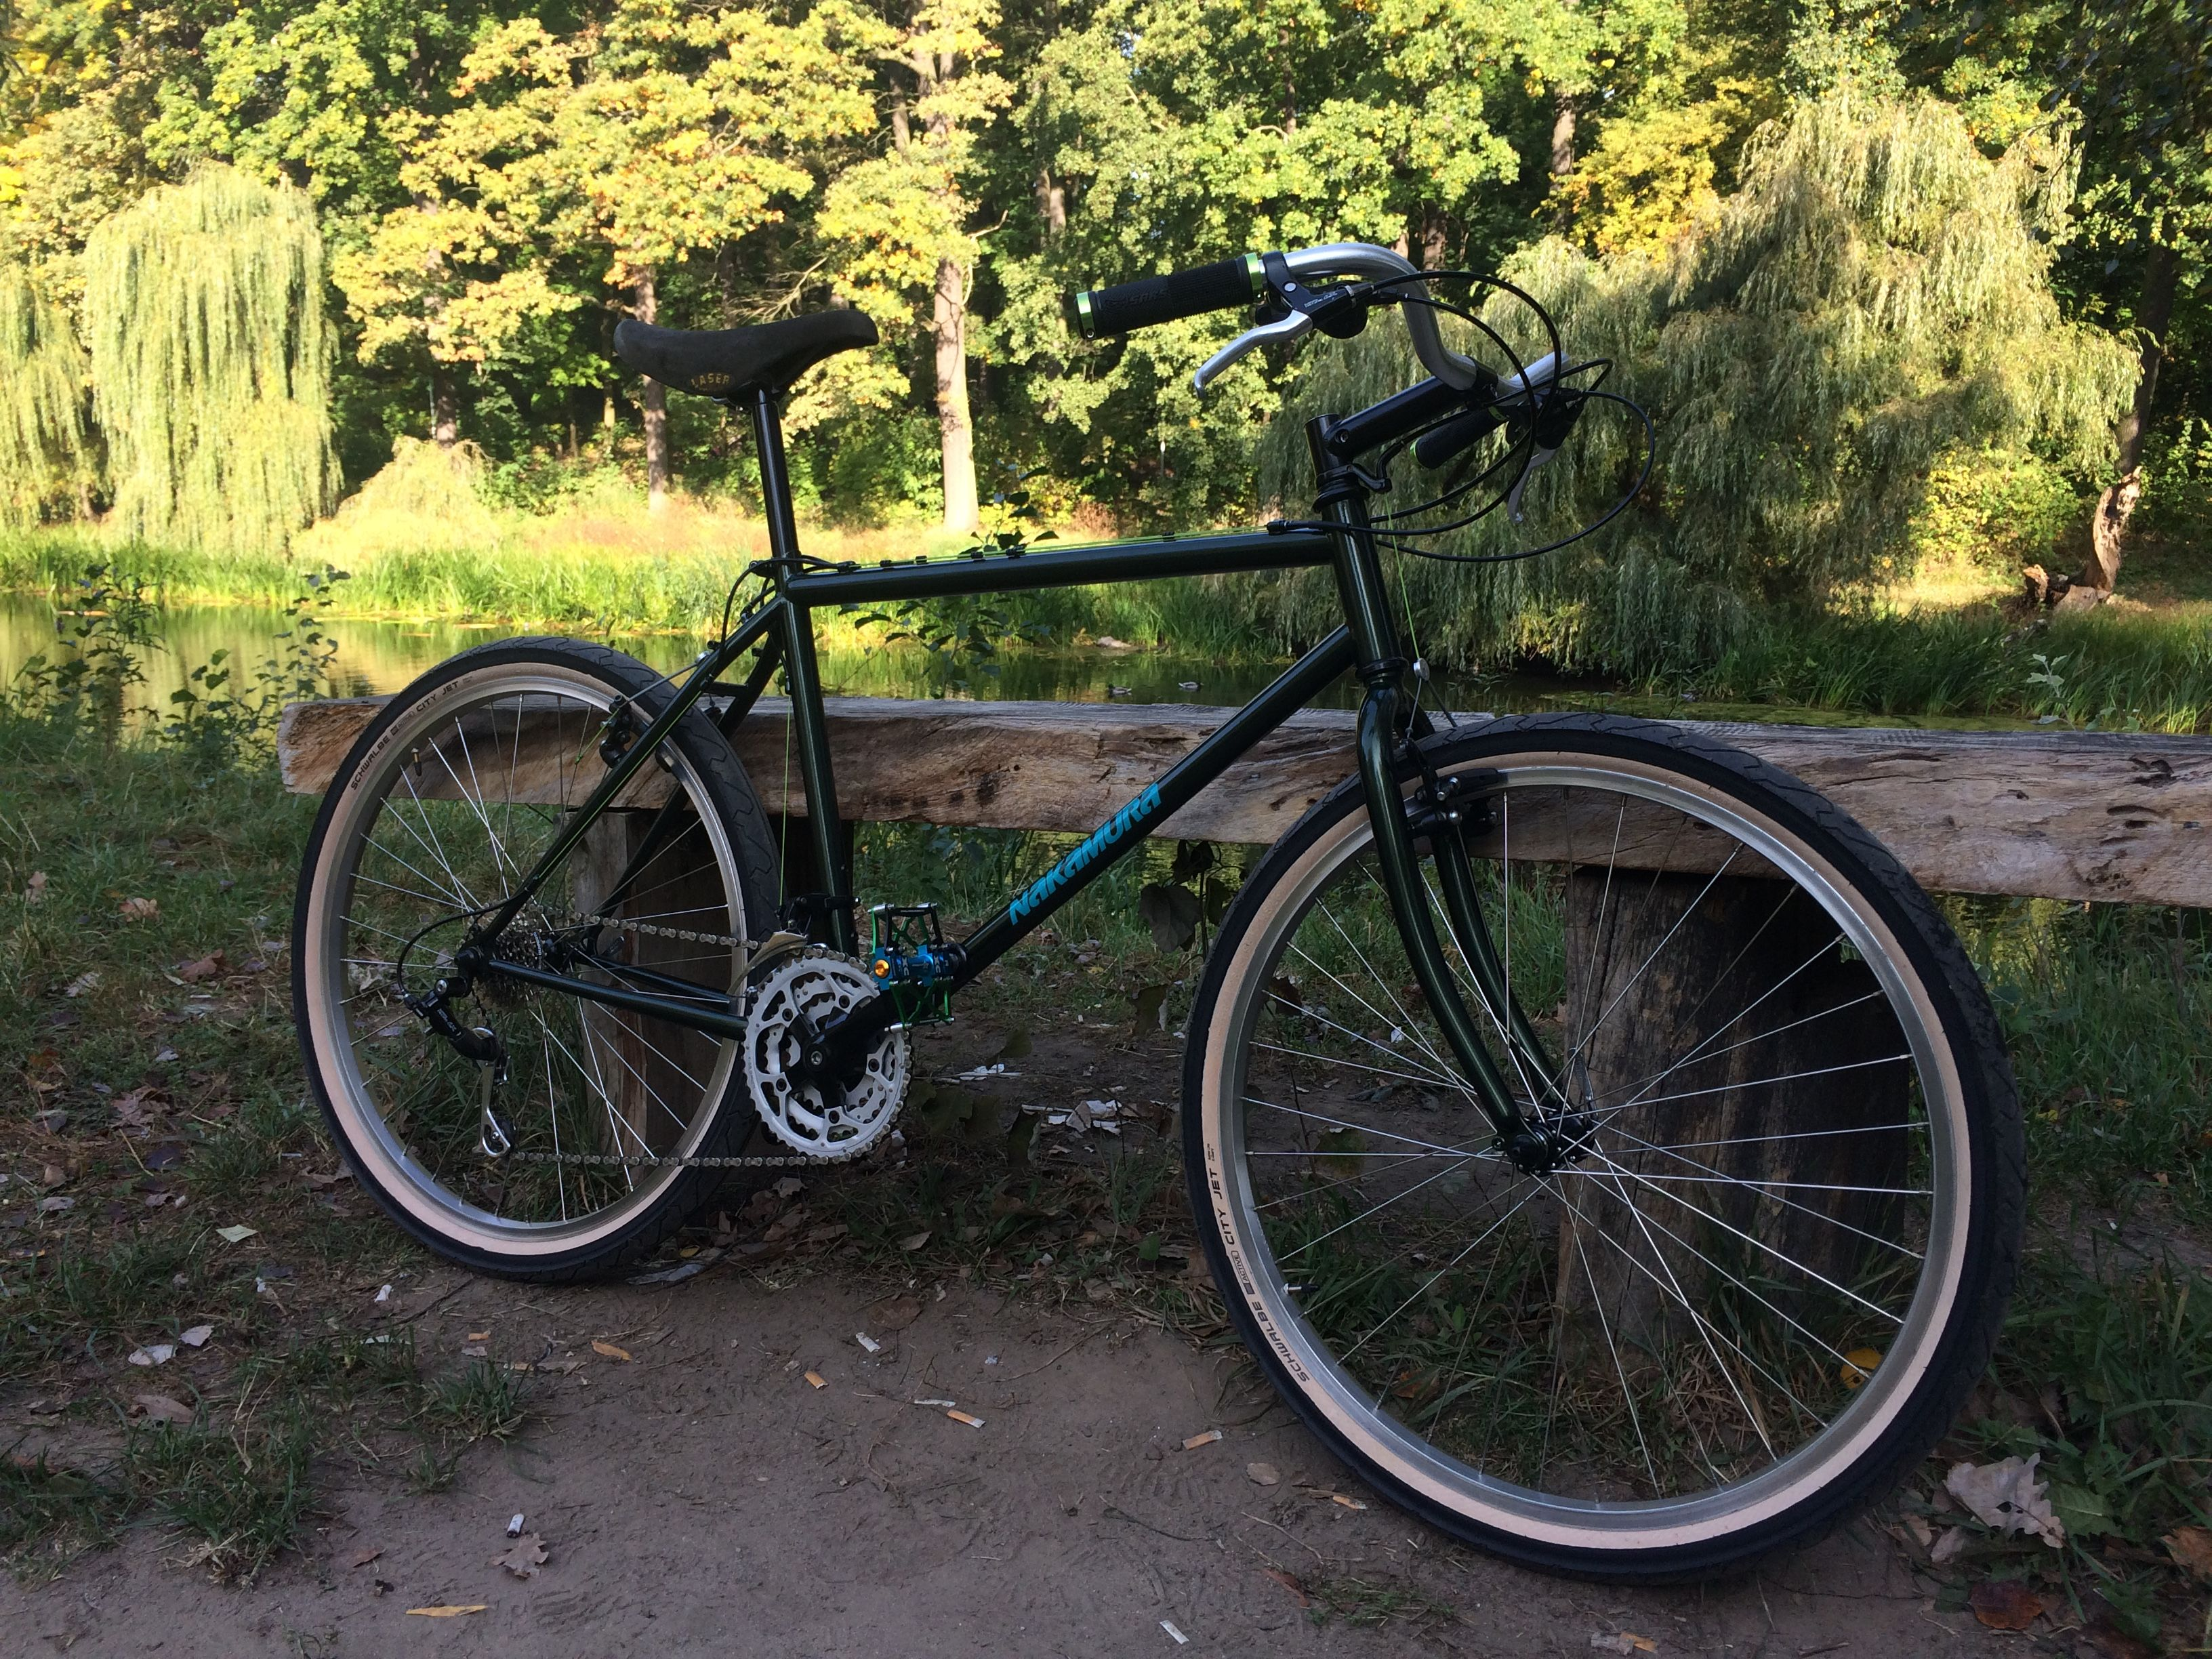 Nakamura Zenith 1995 Bicycle Retro Vehicles